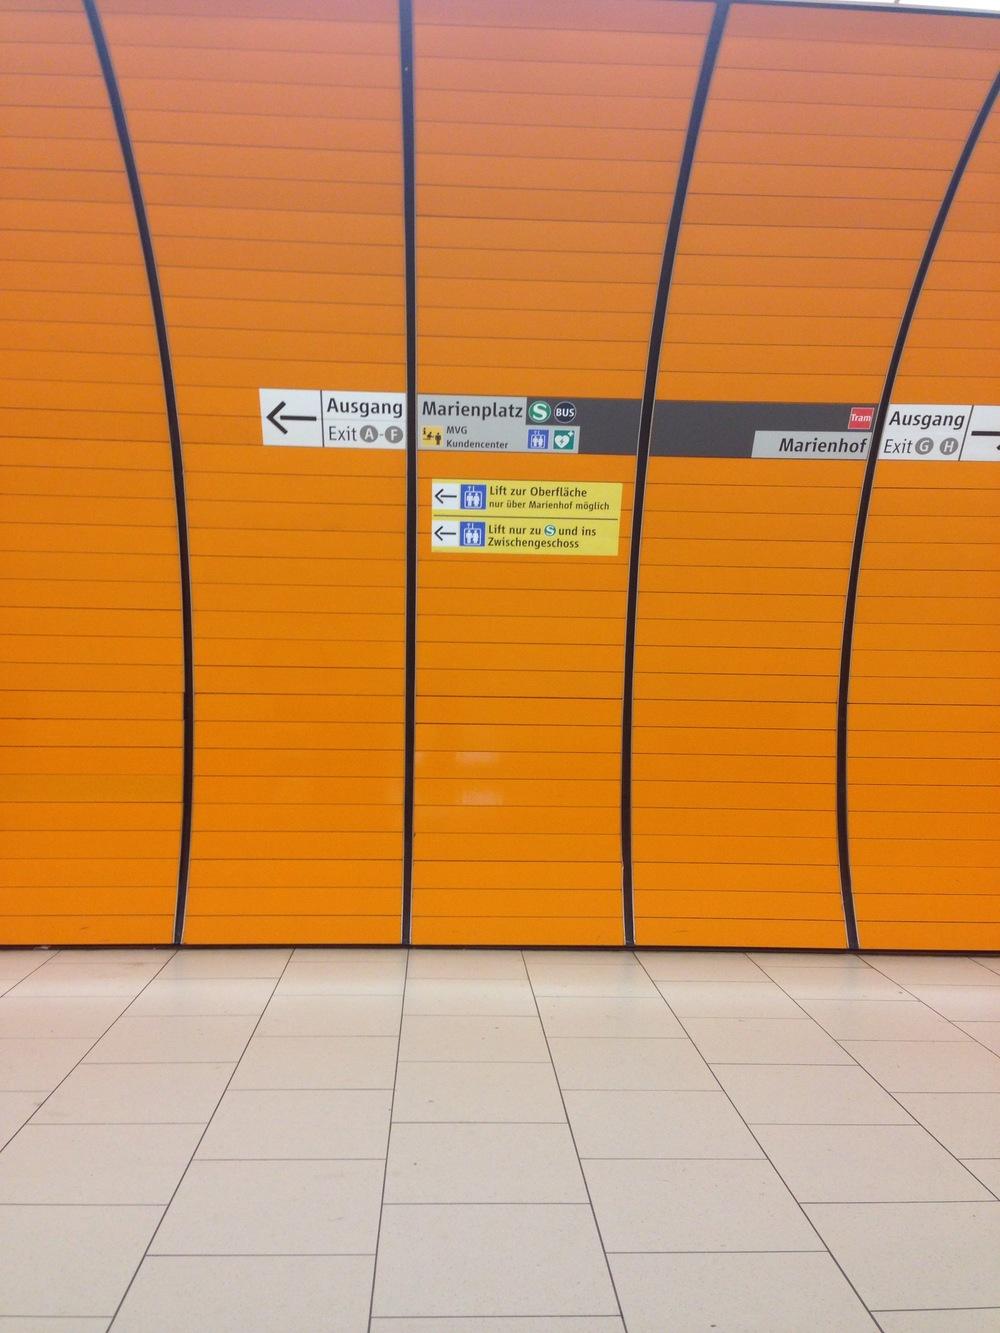 TTWMF in Munich. An orange subway station always keeps one smiling. Also German signage...